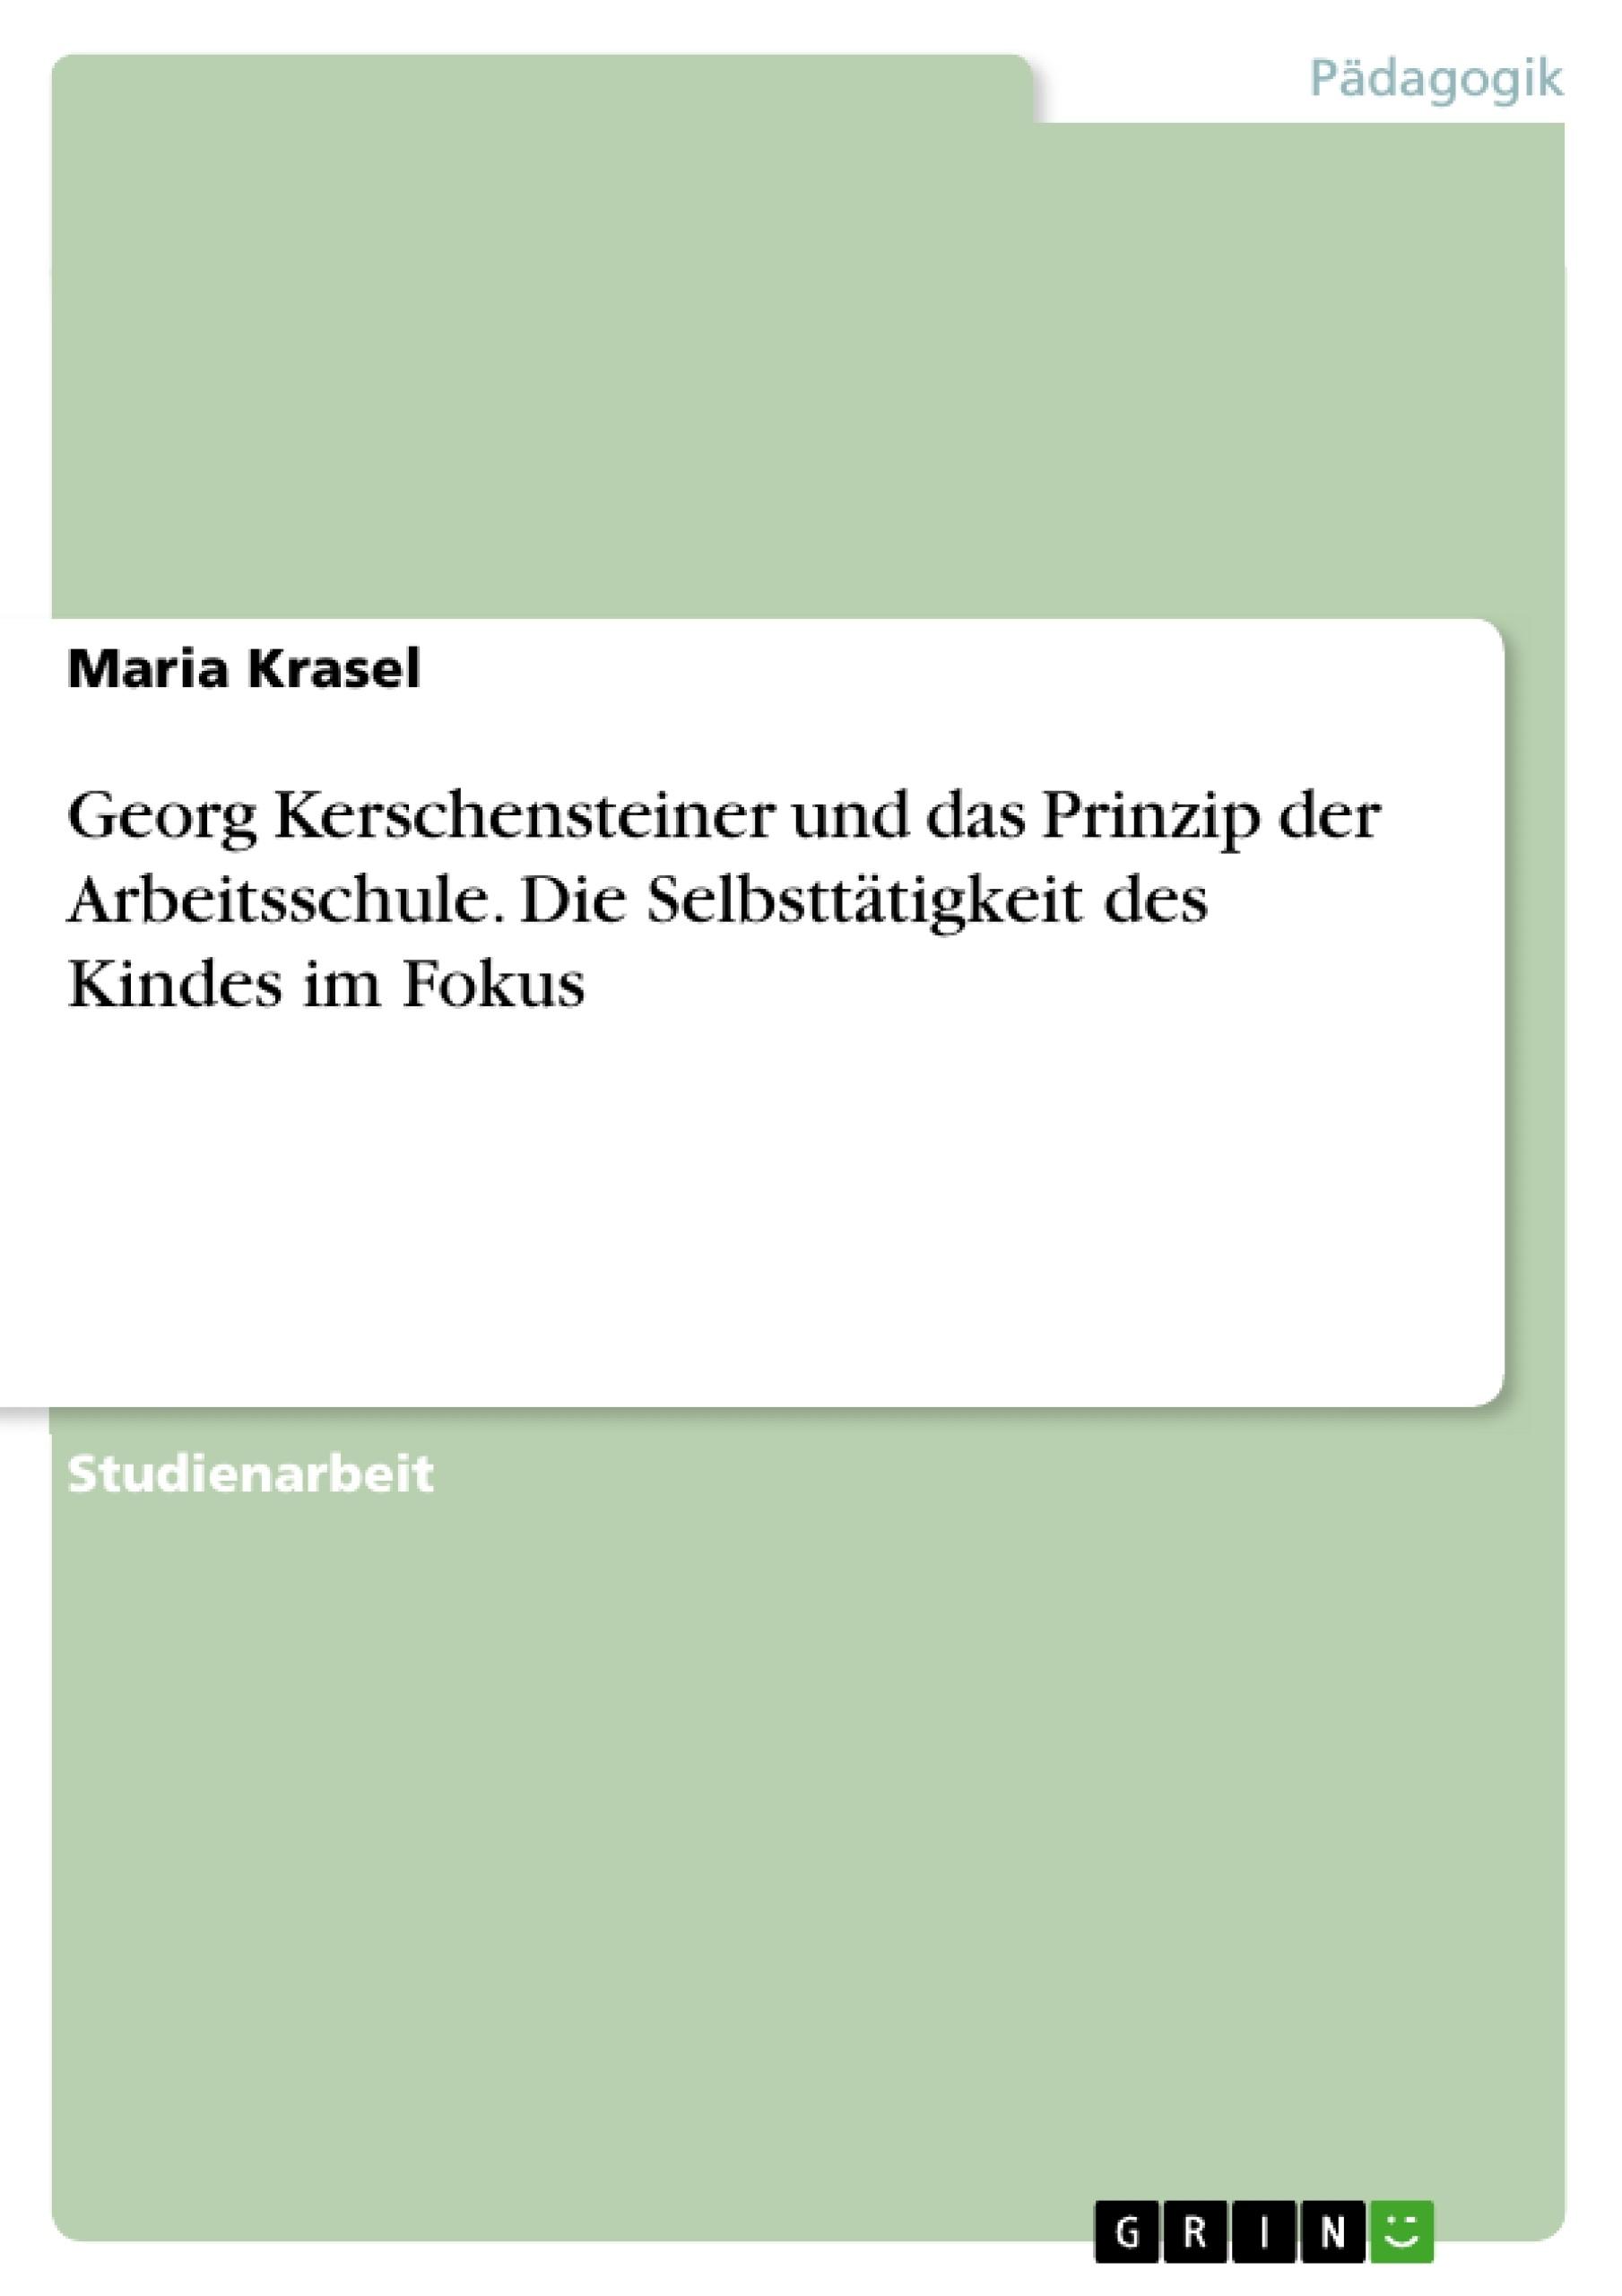 Titel: Georg Kerschensteiner und das Prinzip der Arbeitsschule. Die Selbsttätigkeit des Kindes im Fokus